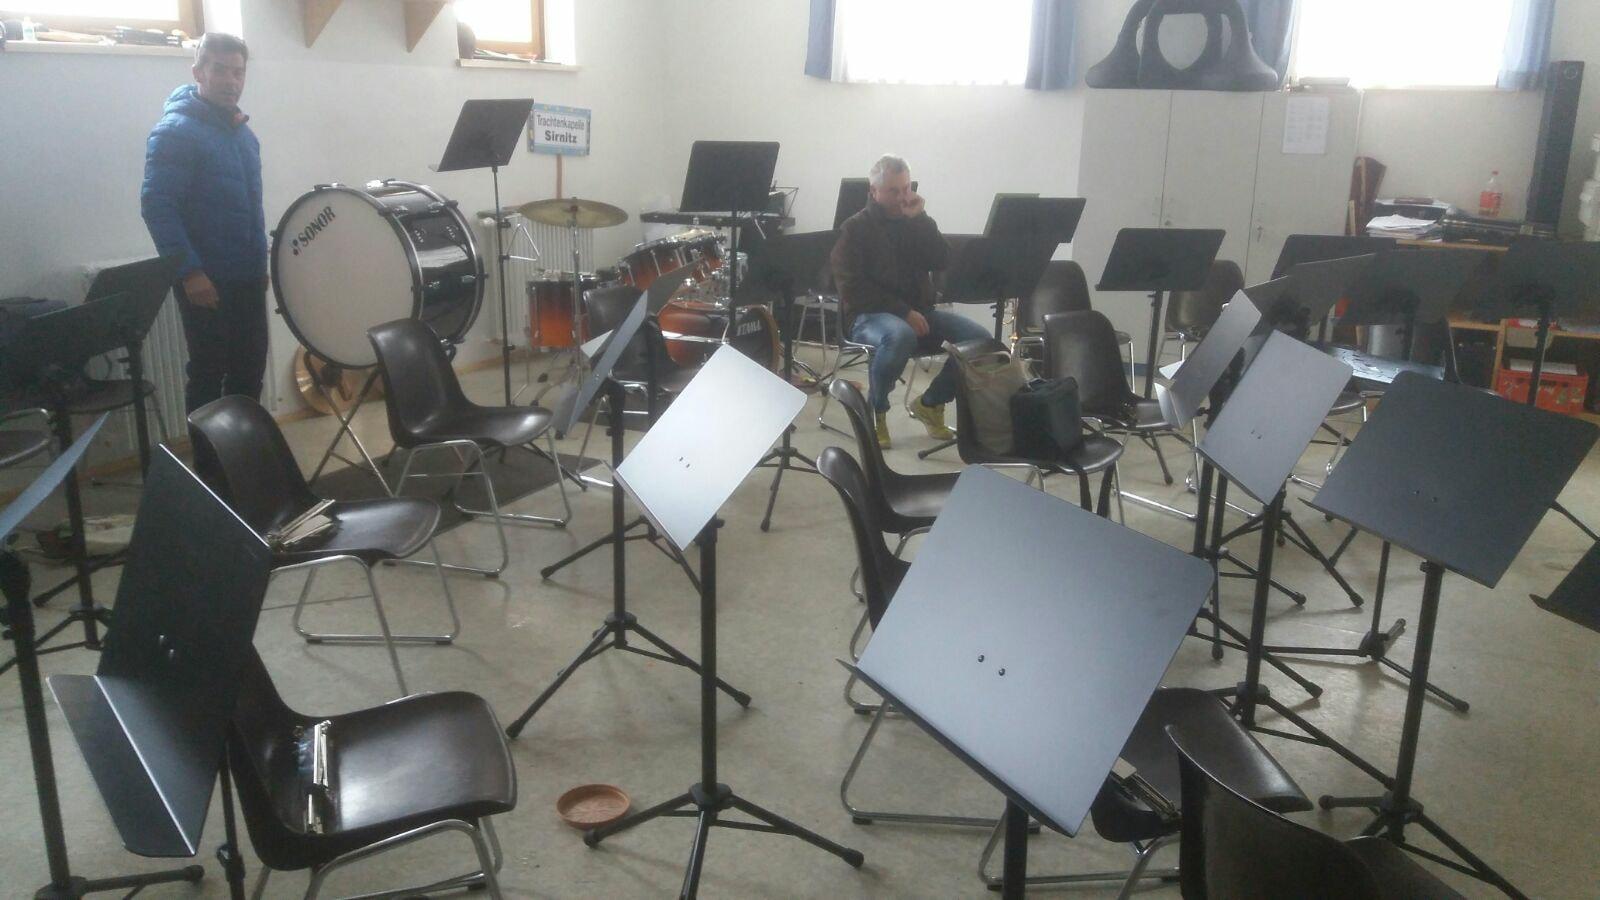 Ankauf neuer Konzertnotenständer